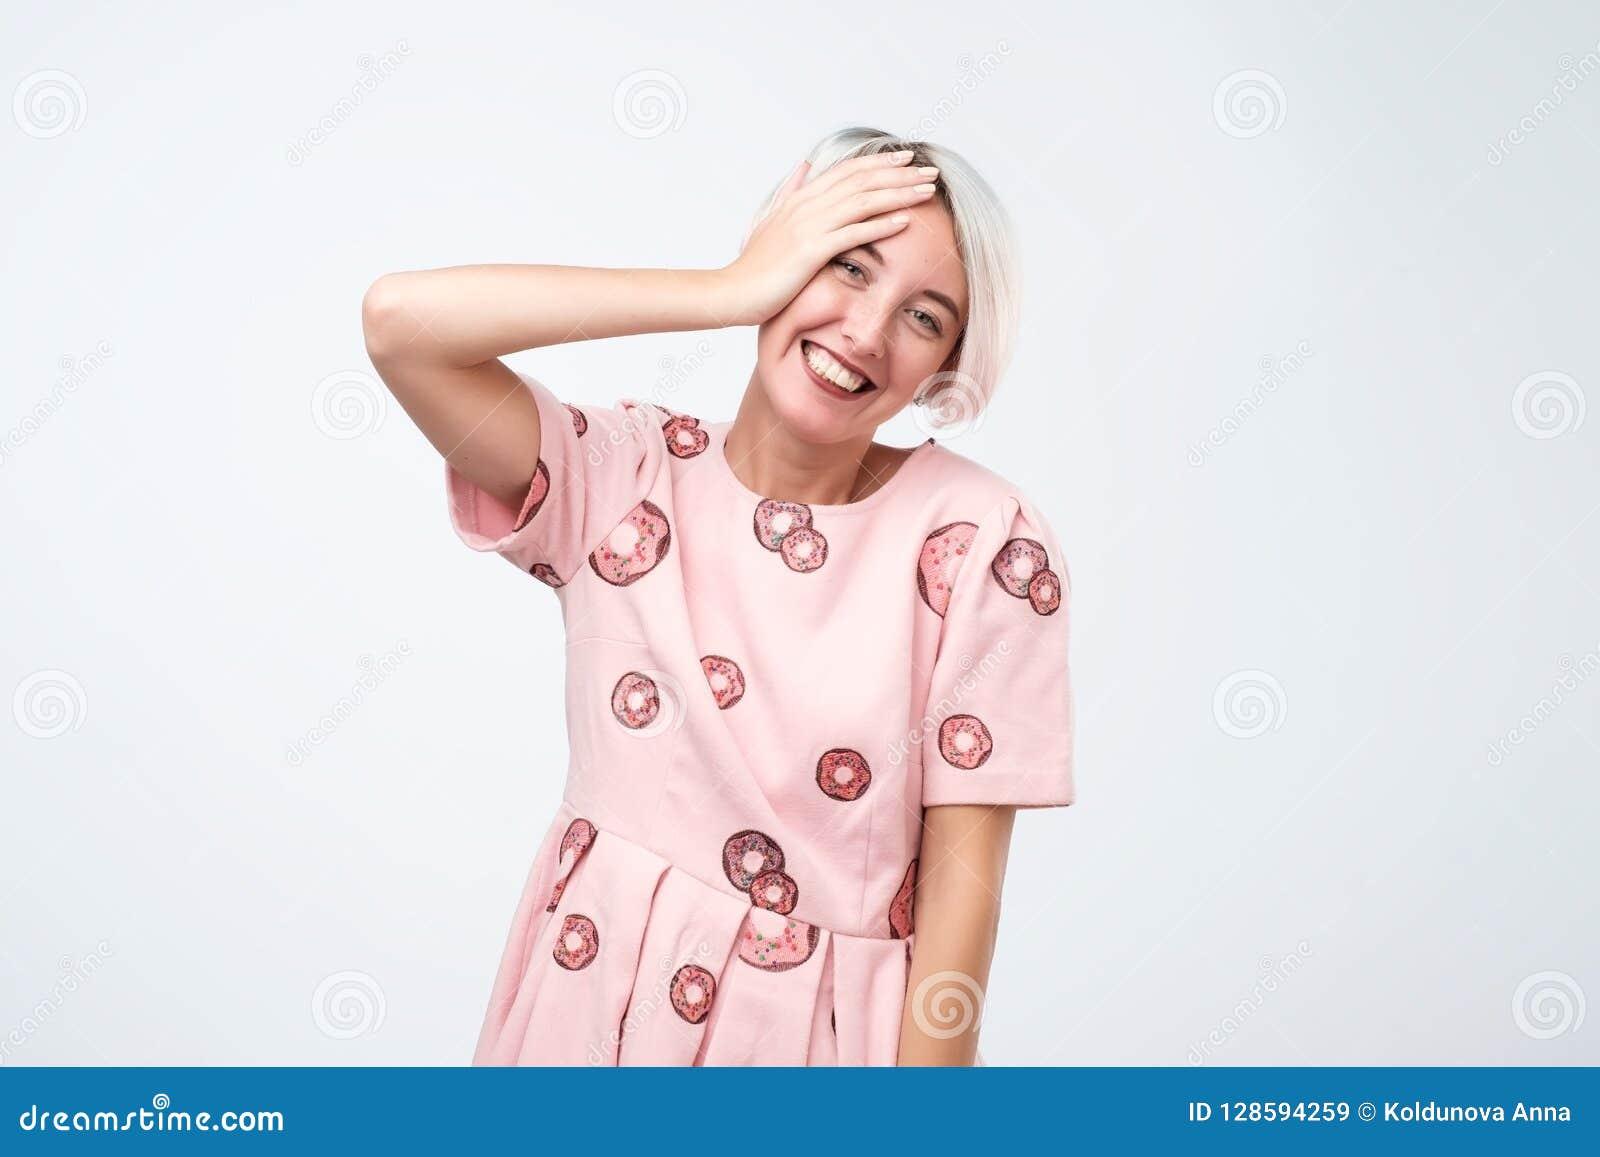 Expresiones y emociones del rostro humano Mujer hermosa joven alegre positiva en vestido rosado que se ríe de broma